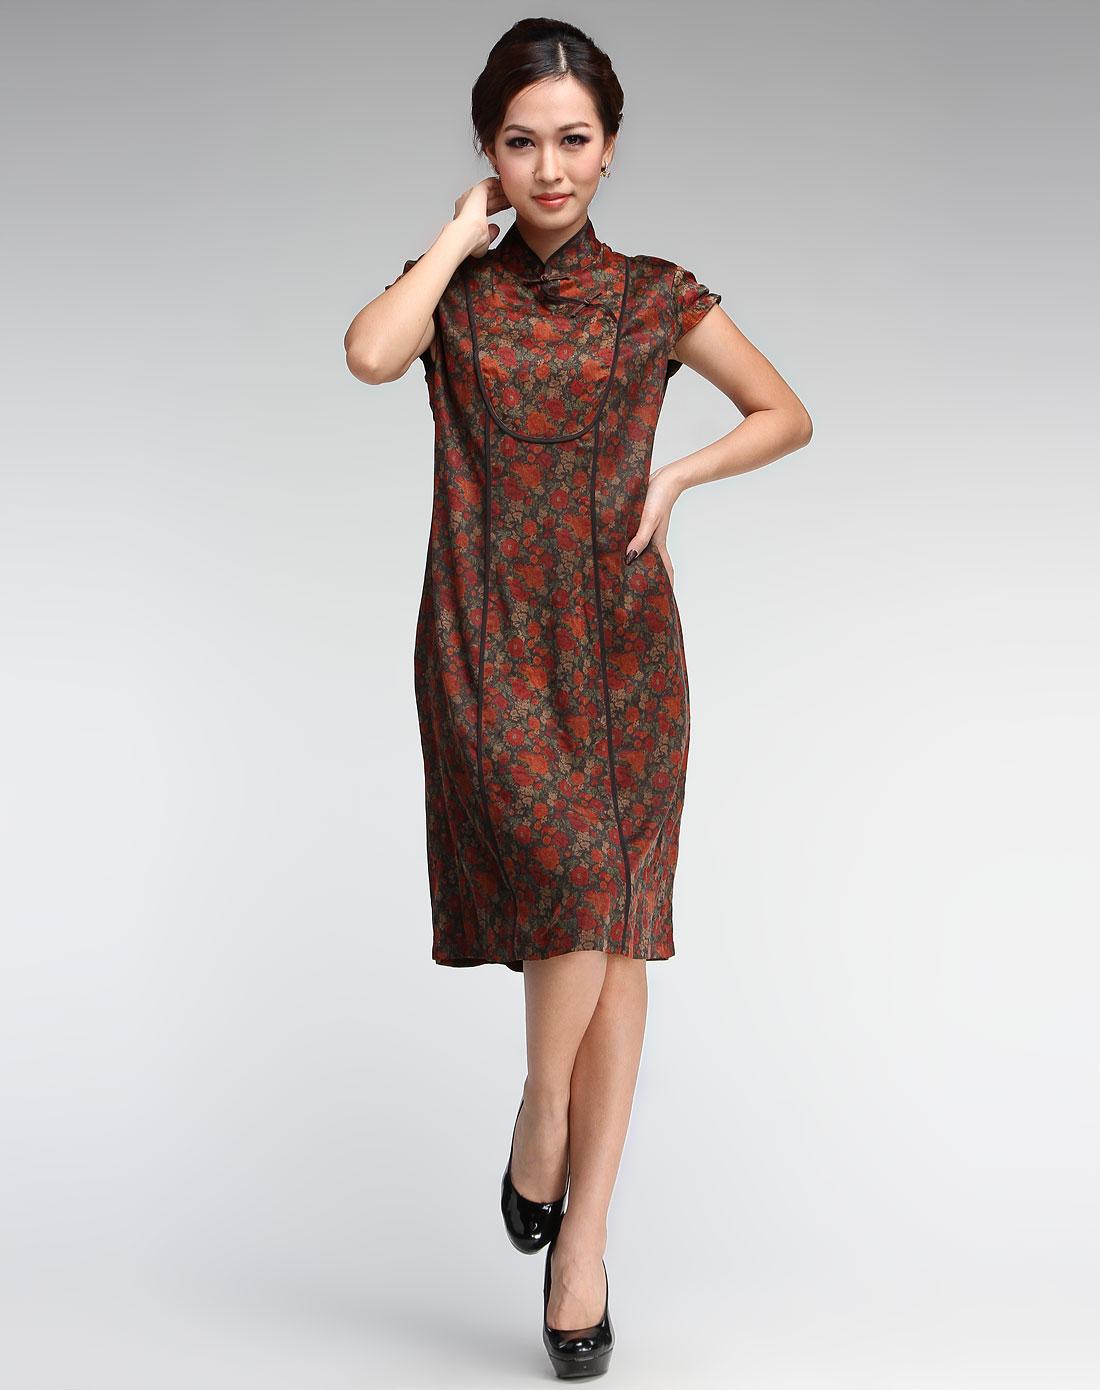 夜上海色立领怀旧斜襟短袖旗袍